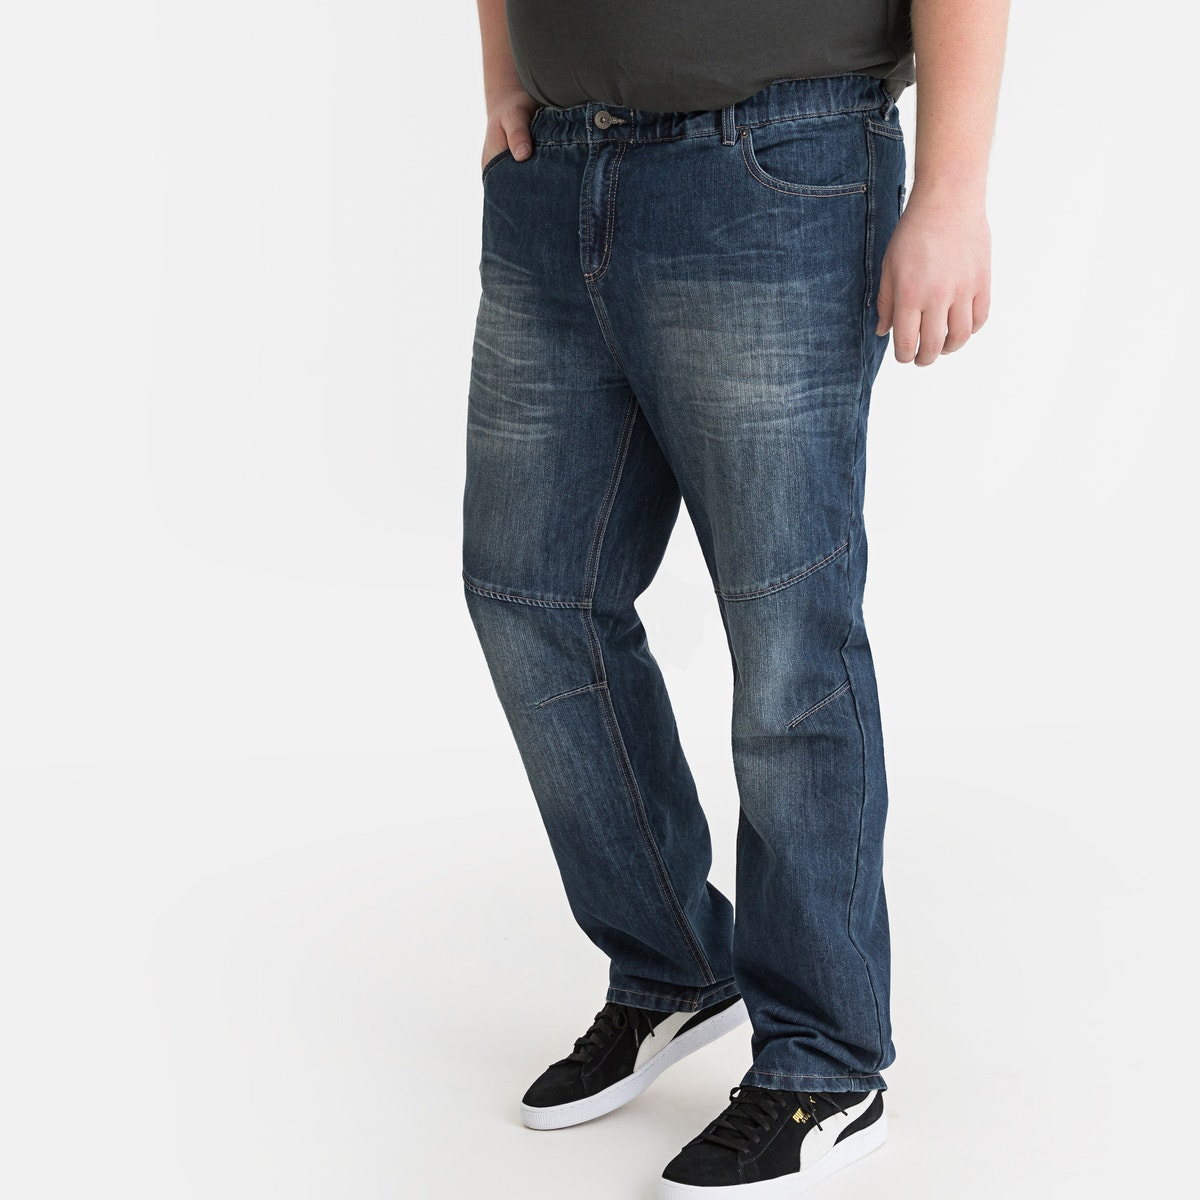 Ελαστικό πεντάτσεπο τζιν με ξεβαμμένη όψη μπροστά. Λάστιχο στη μέση μπροστά και πίσω. Πατιλέτα με φερμουάρ. Εξώγαζα στα γόνατα. Μόνιμες τσακίσεις στα γόνατα και στους μηρούς.Ντένιμ από 55% βαμβάκι, 45% πολυέστερ.Καβάλος 83 εκ.Φάρδος στα μπατζάκια 23 εκ.